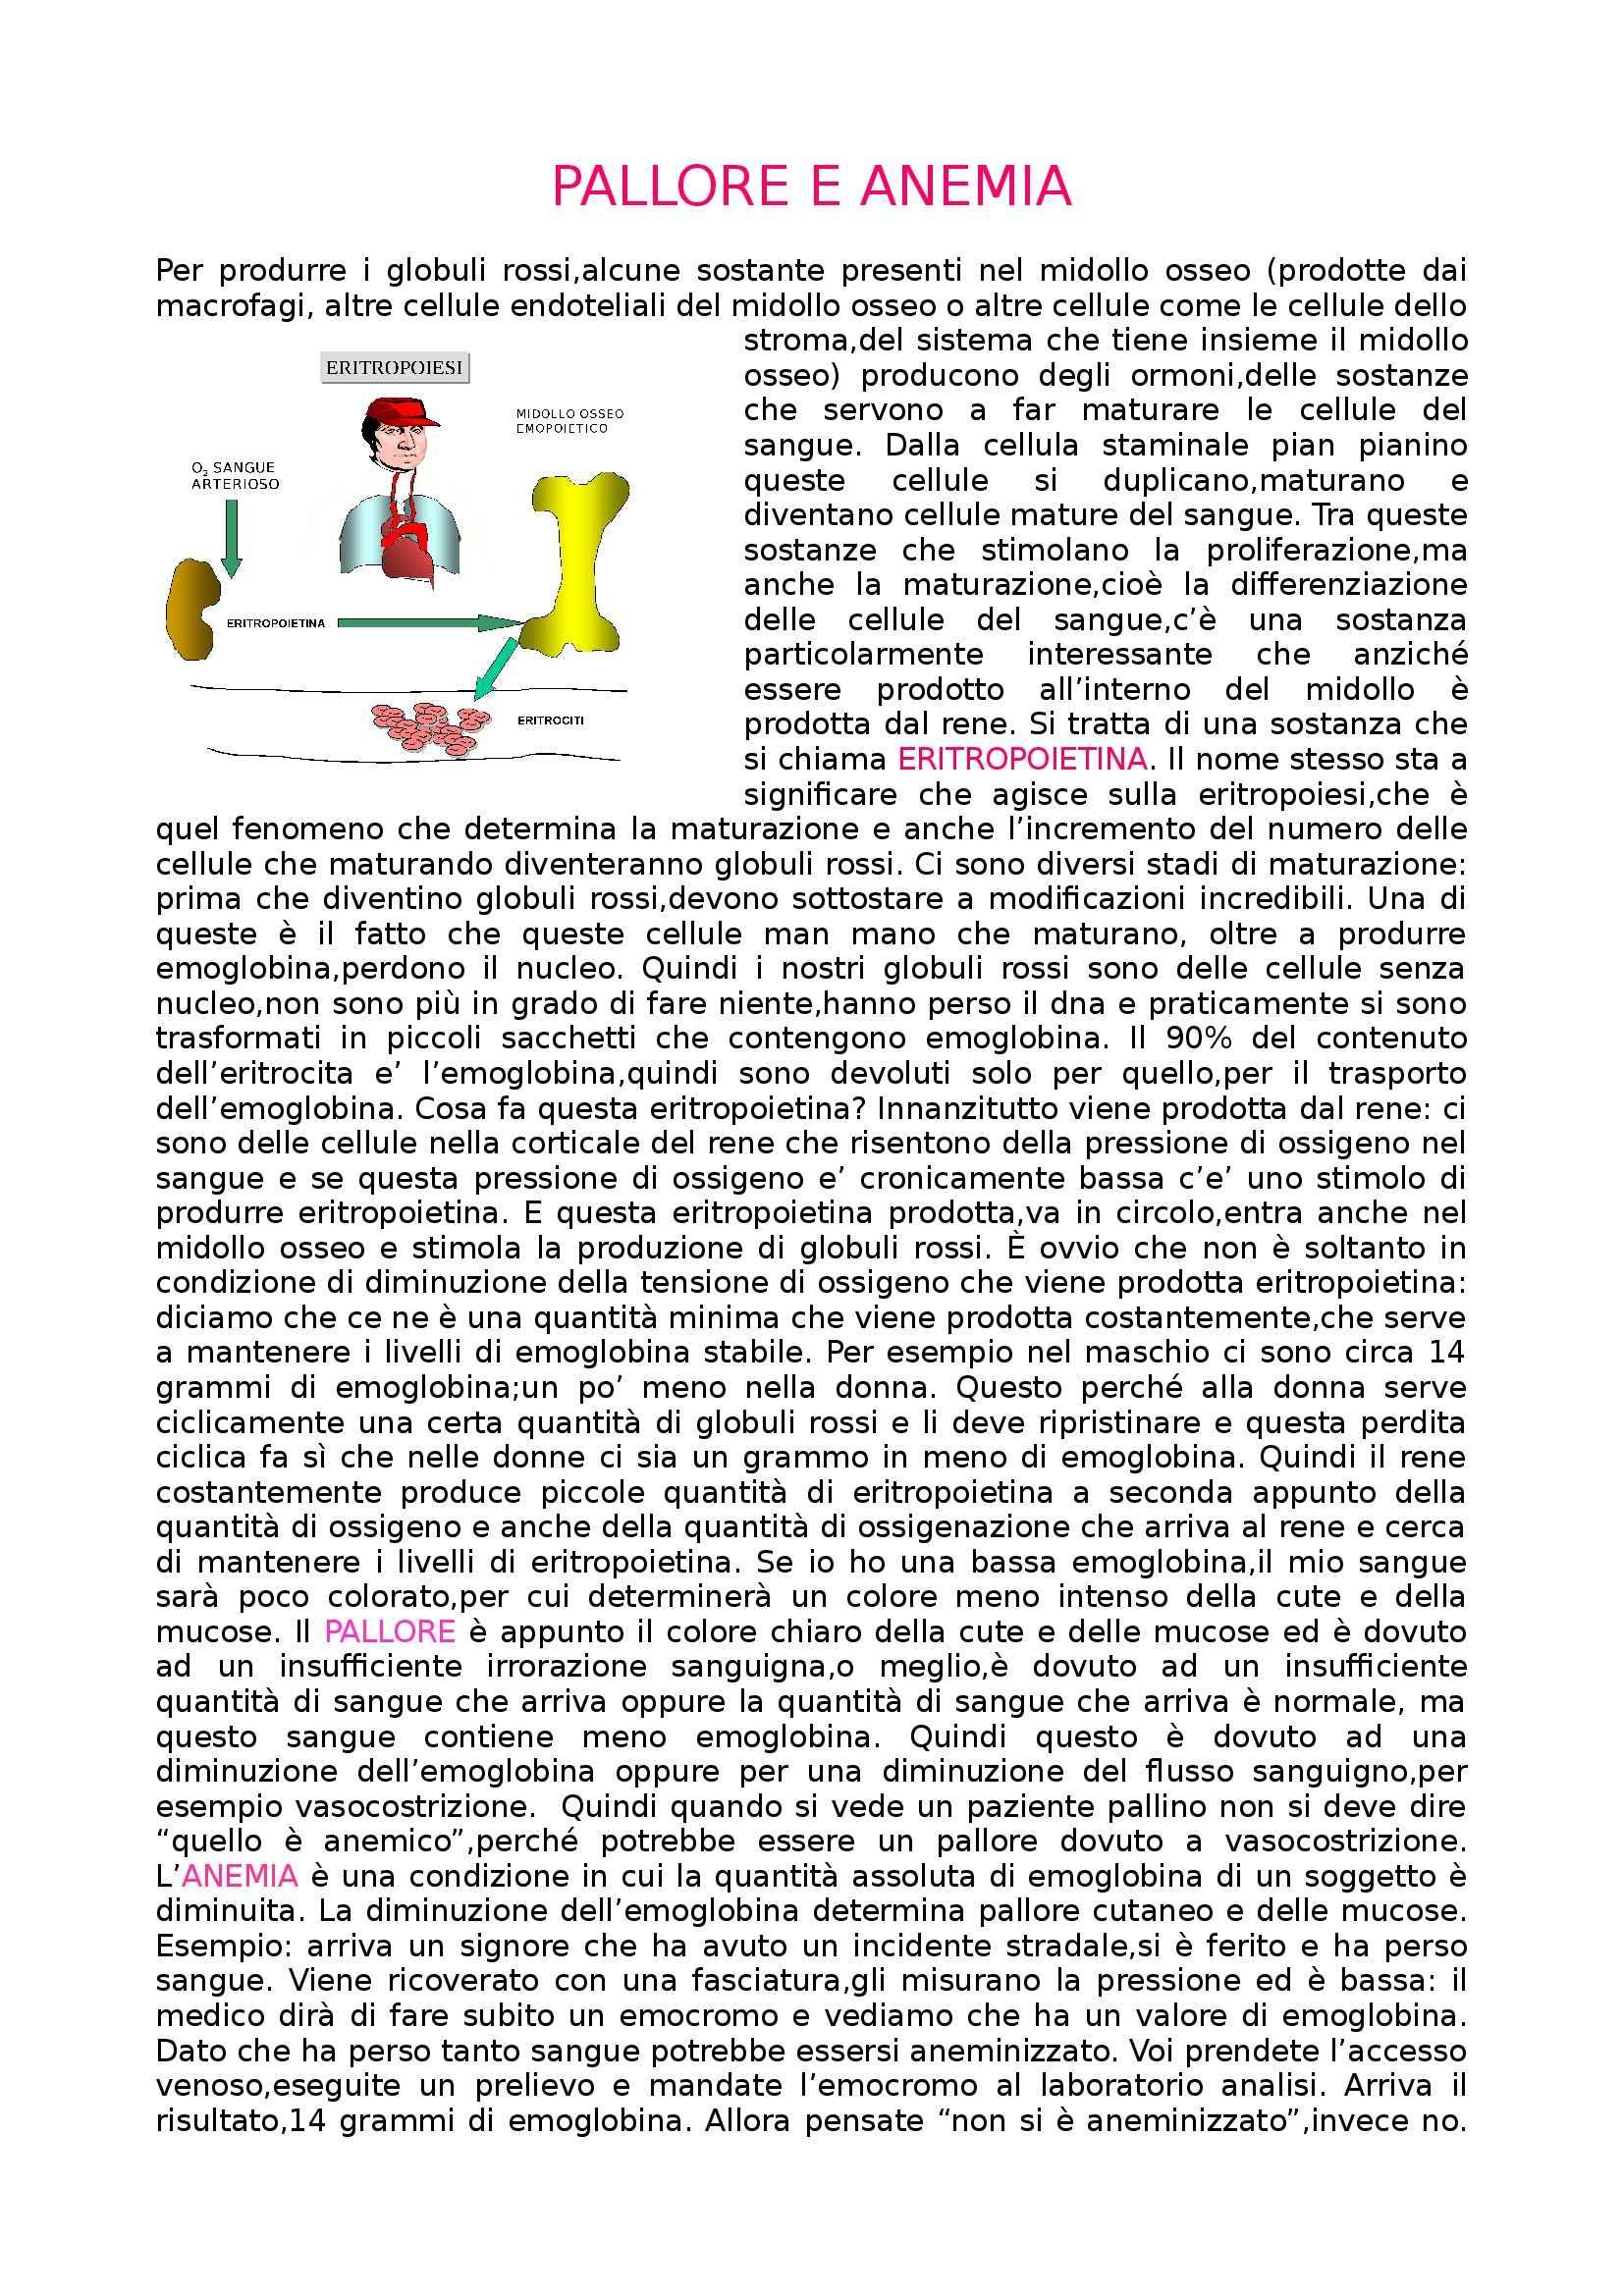 Medicina interna - pallore e anemia